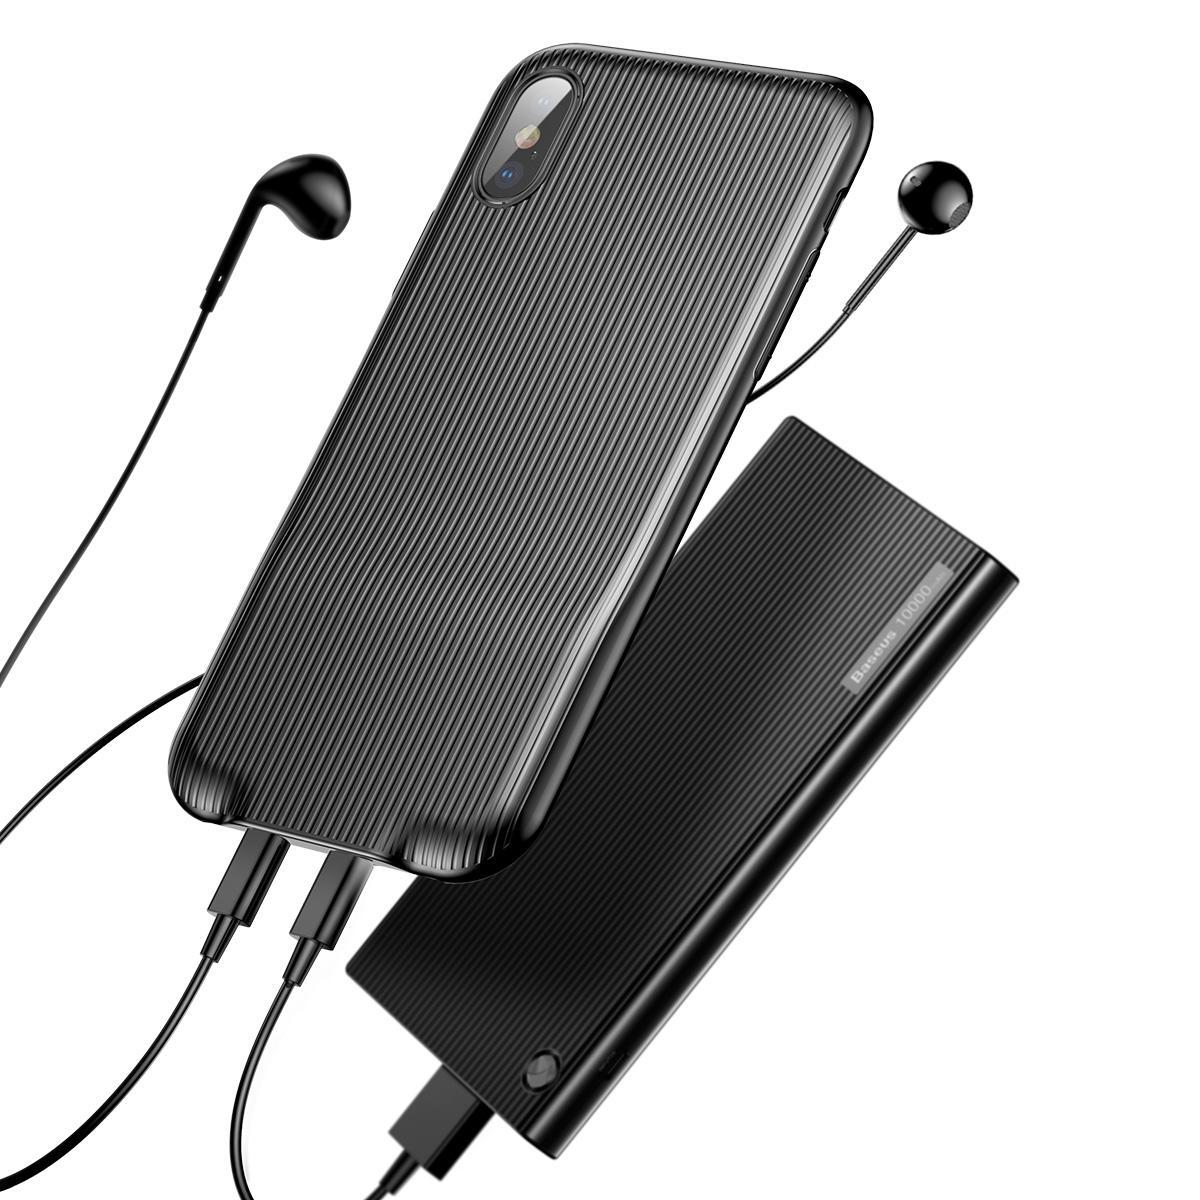 Baseus Adapter Splitters Aux Ondersteuning Oortelefoon & Opladen Sync Data Audio Case voor iPhone X